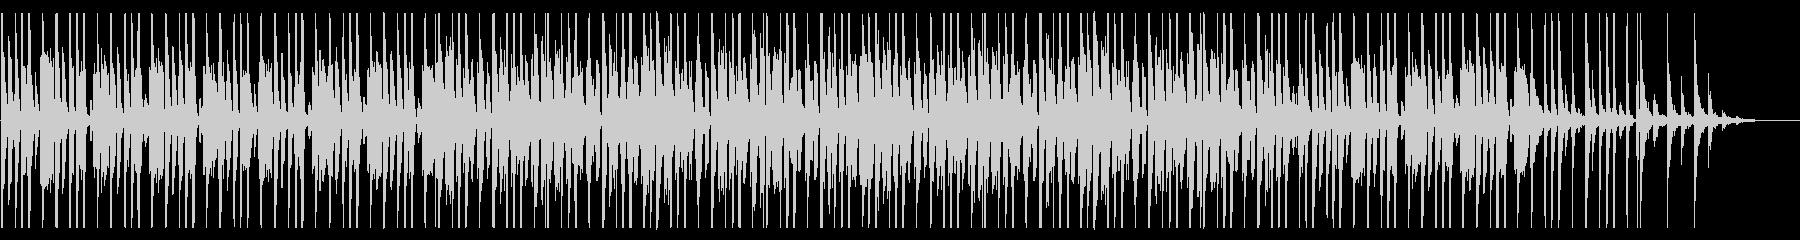 コミカルなファンク_No691_3の未再生の波形